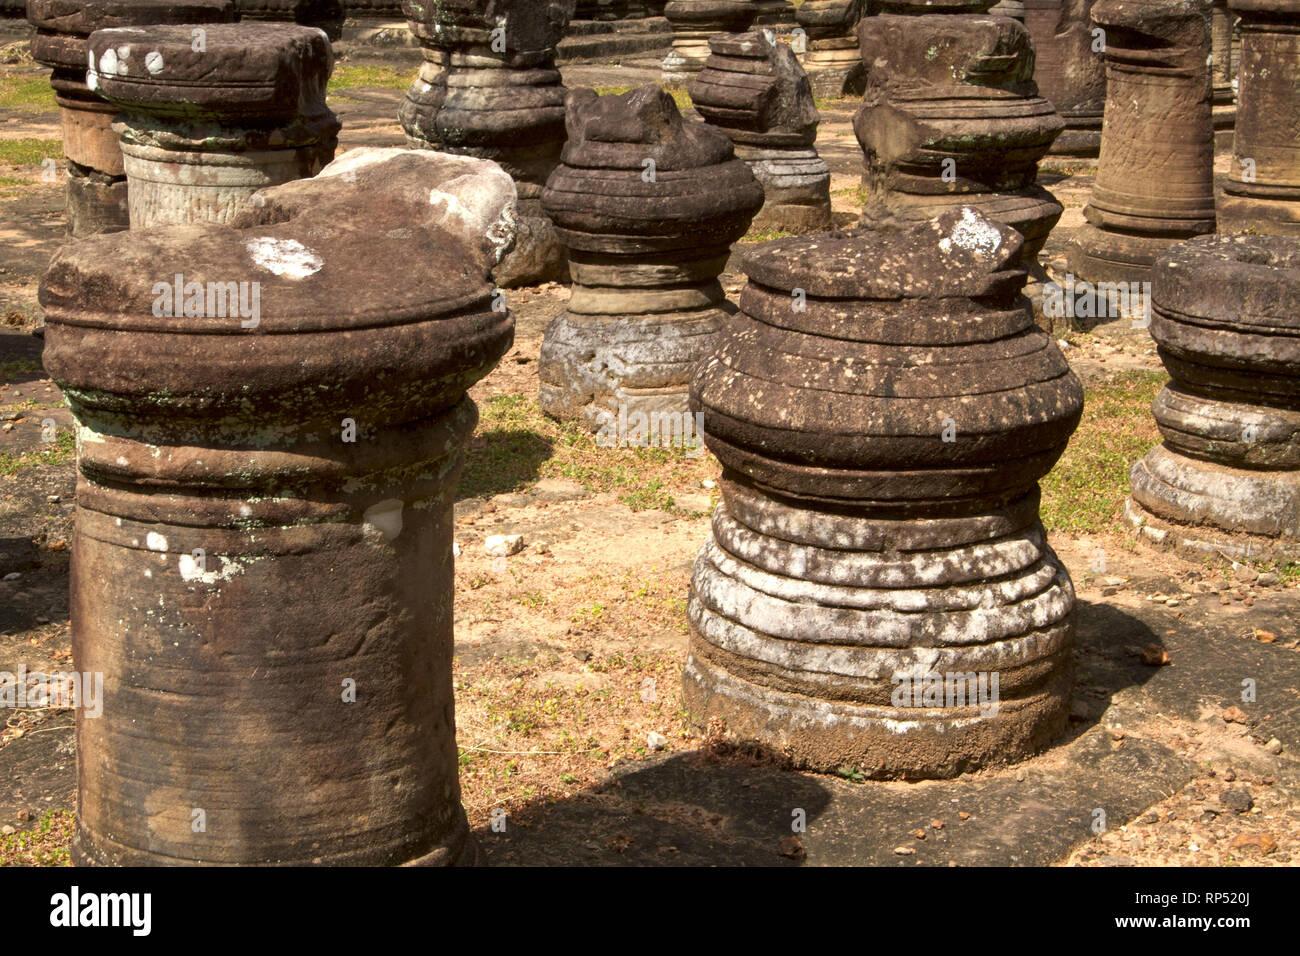 Siem Reap-Baphuon temple columns path 2 - Stock Image